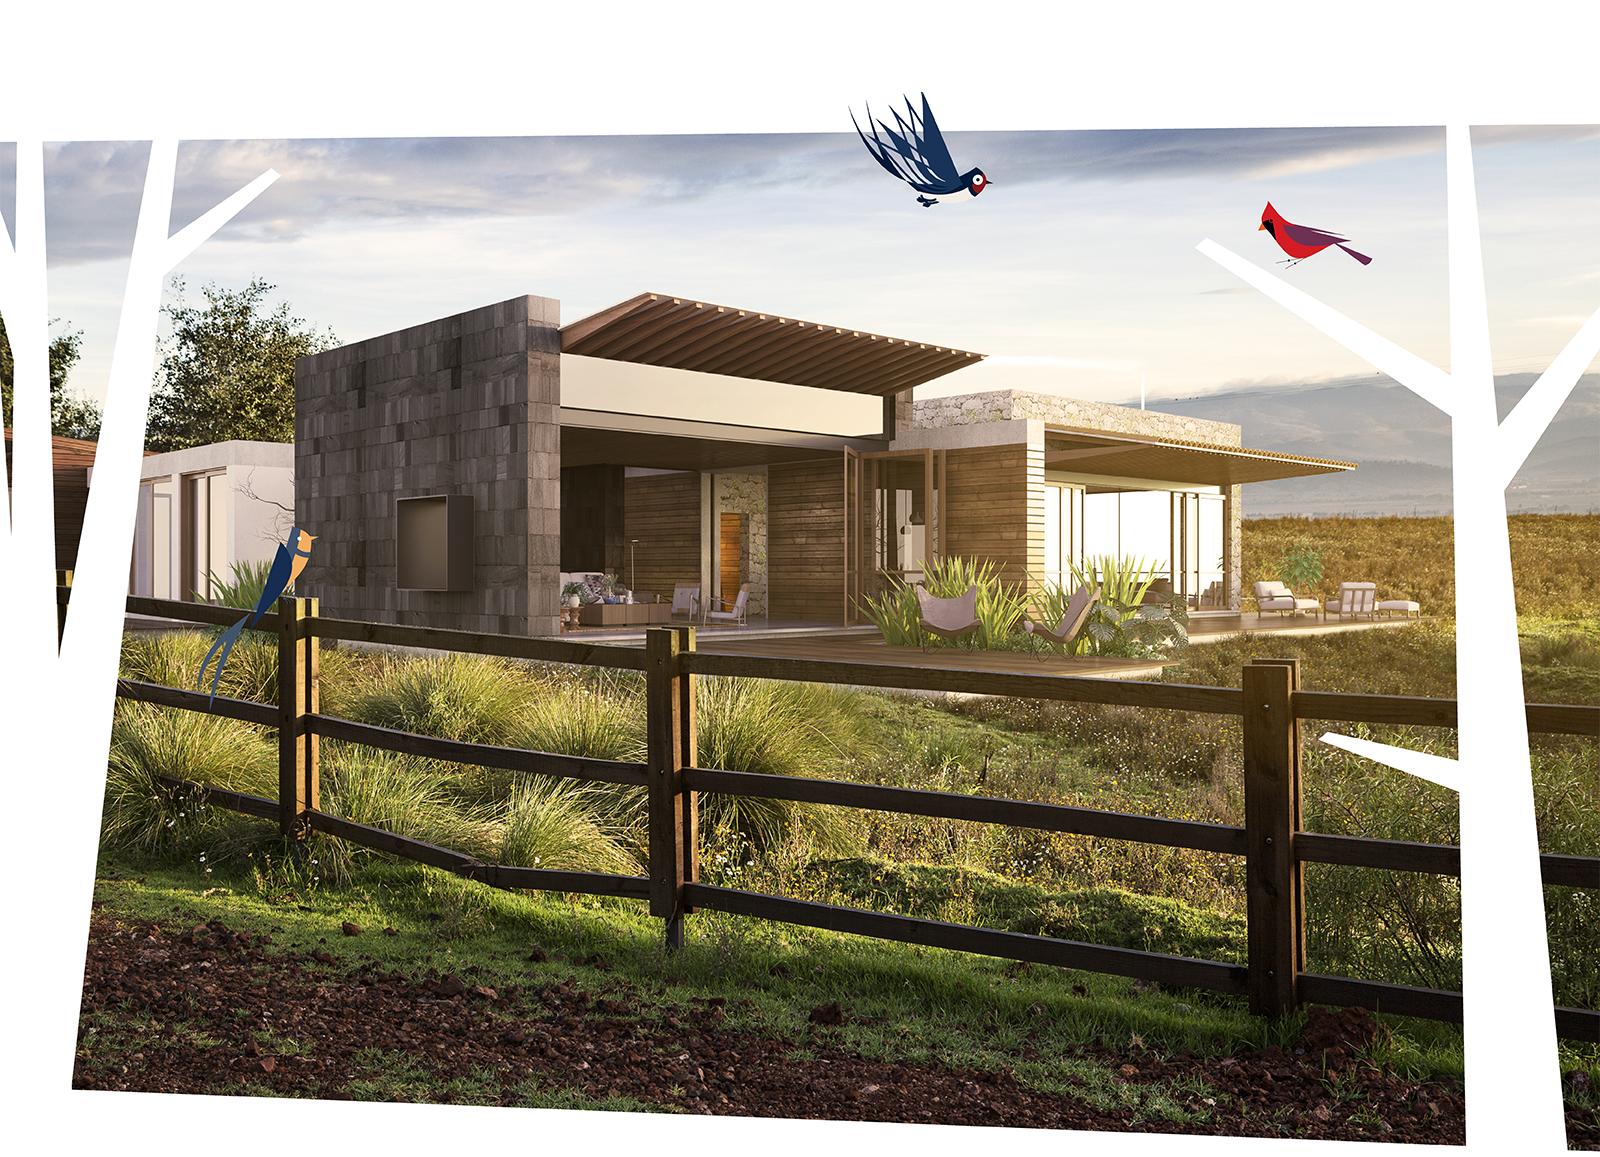 Ranchette con ilustraciones de pájaros y árboles